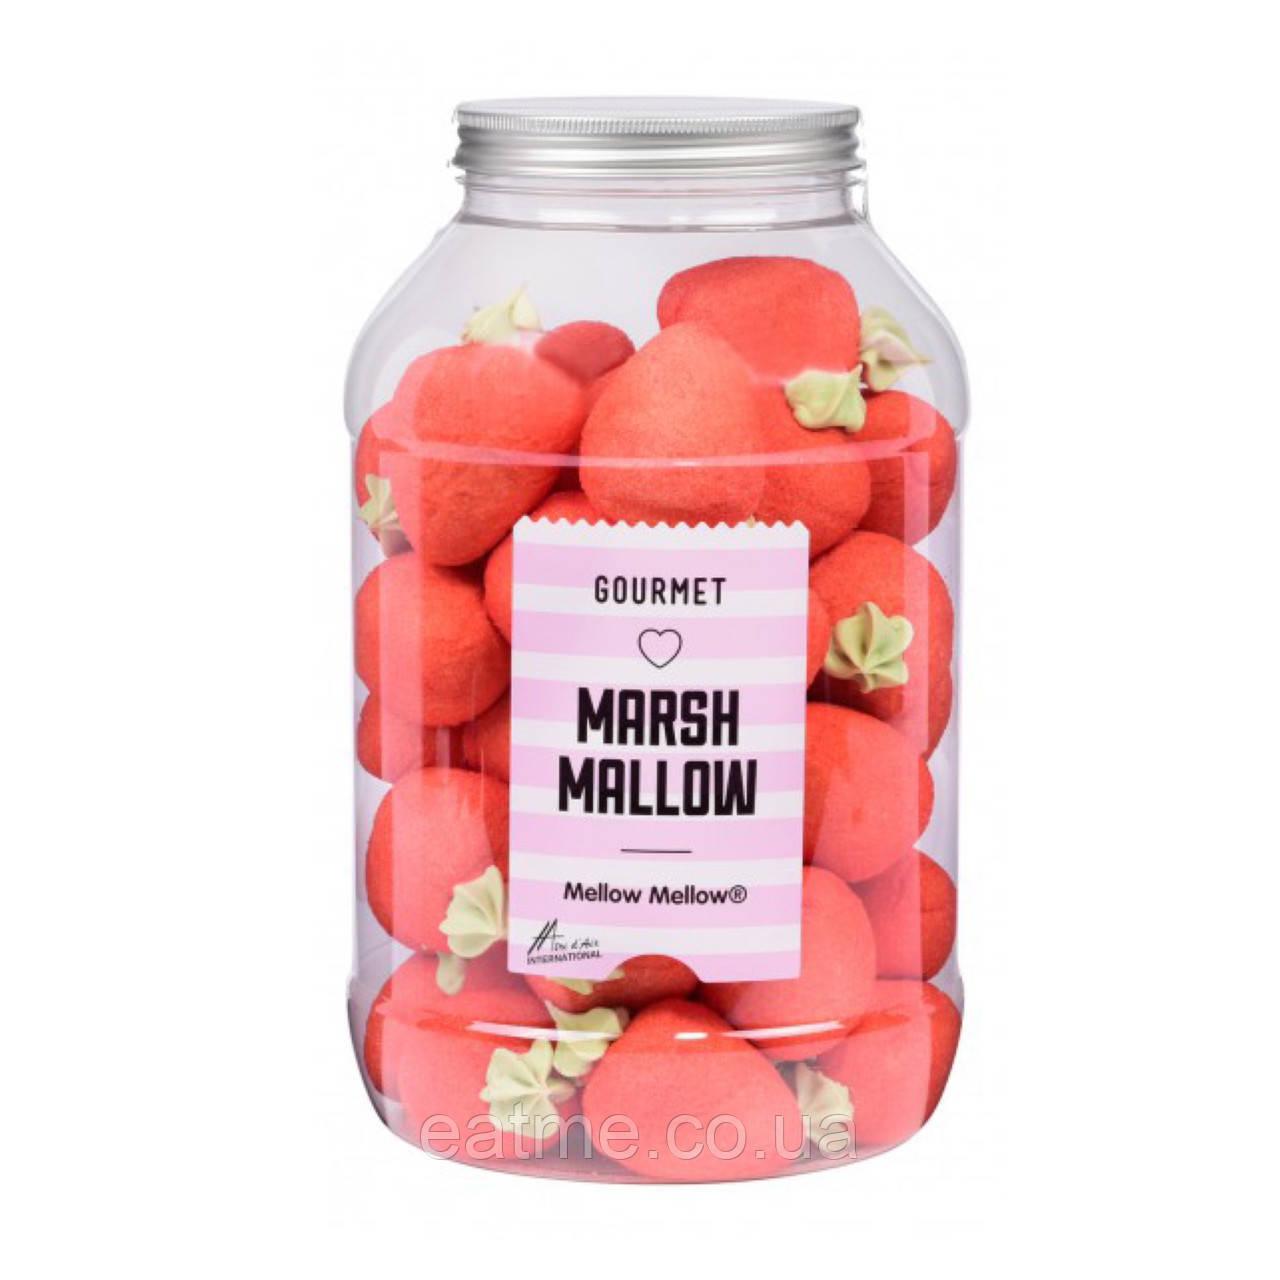 Marshmallow Маршмэлоу Клубника